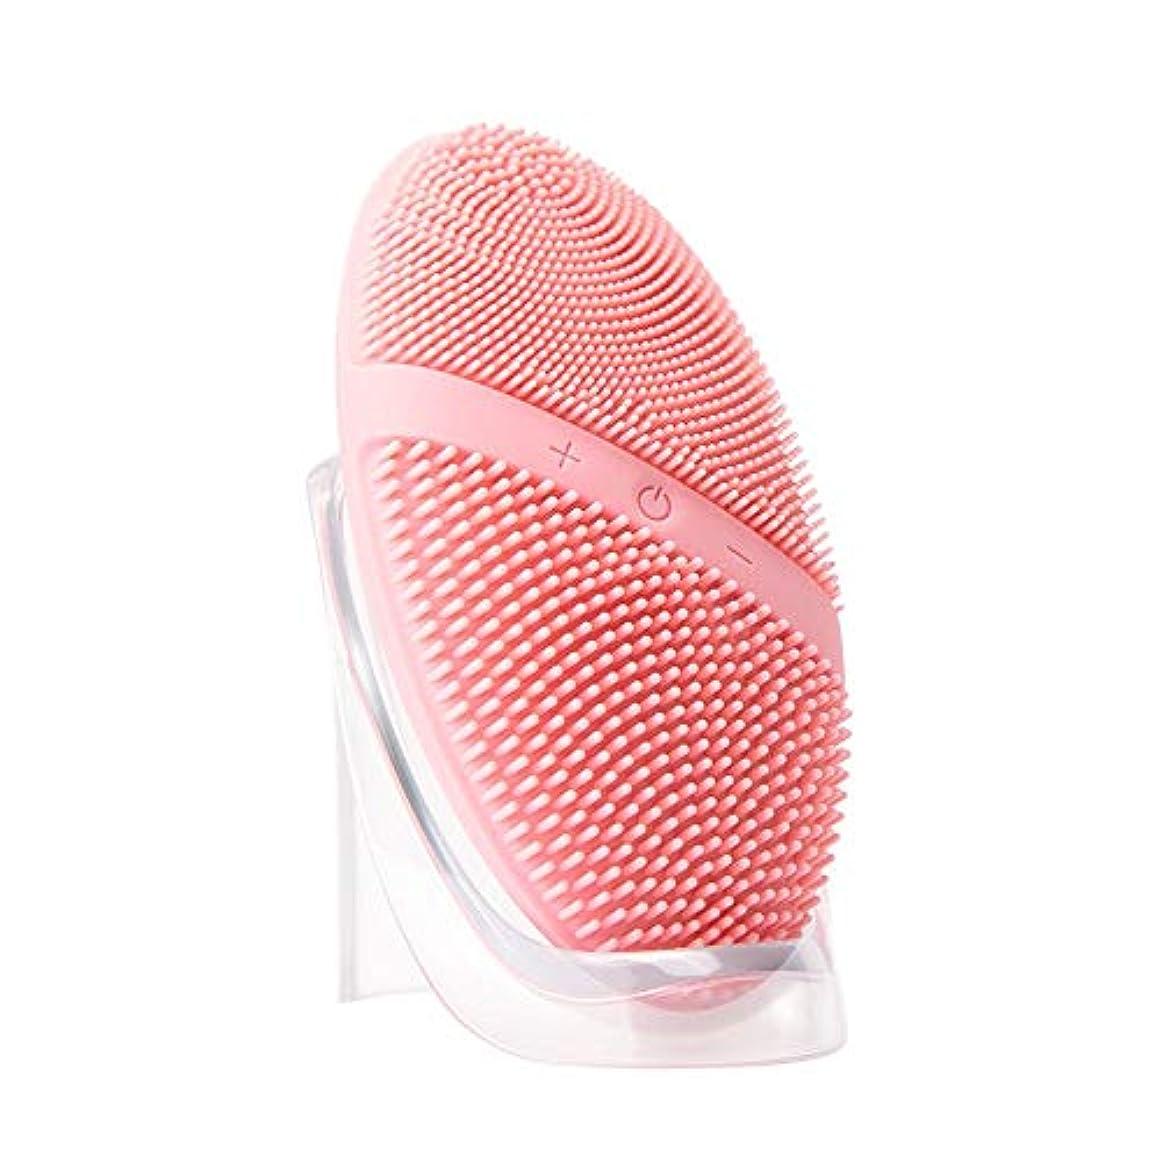 人質アスレチックシャークZXF 新電気シリコーンクレンジングブラシ防水超音波振動クレンジング楽器深い洗浄毛穴洗浄器具マッサージ器具美容器具 滑らかである